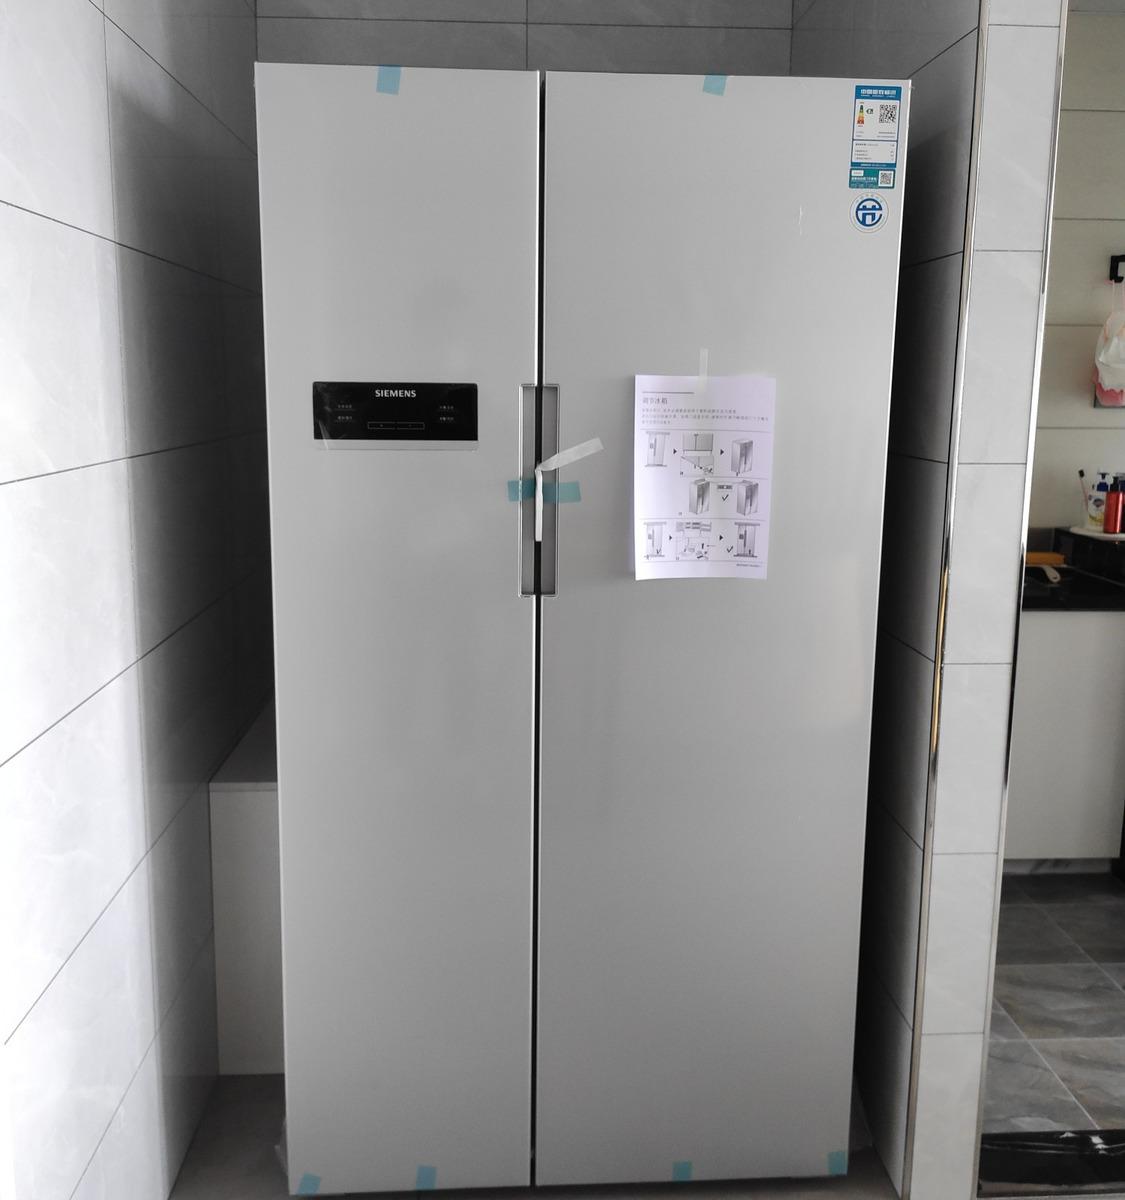 冰箱选哪个品牌好?是国产海尔、日本松下,还是德国西门子?